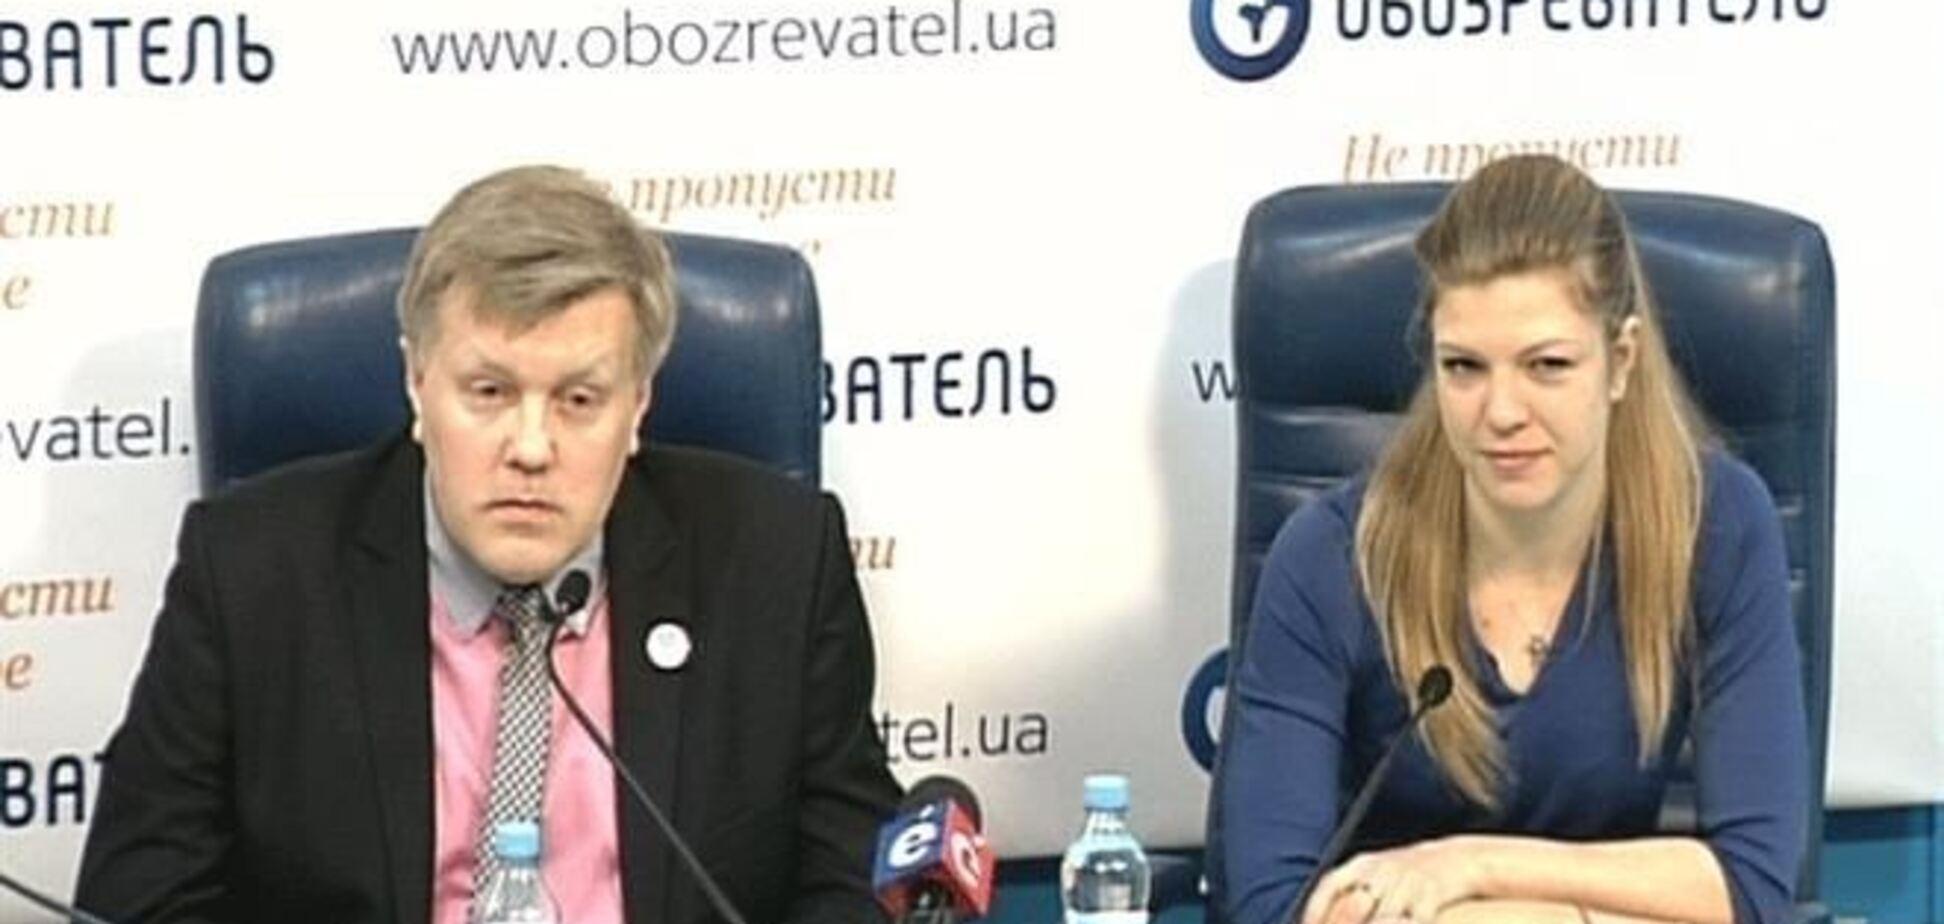 Круизные лайнеры игнорируют Севастополь и Ялту, но заходят в Одессу – АЛТУ